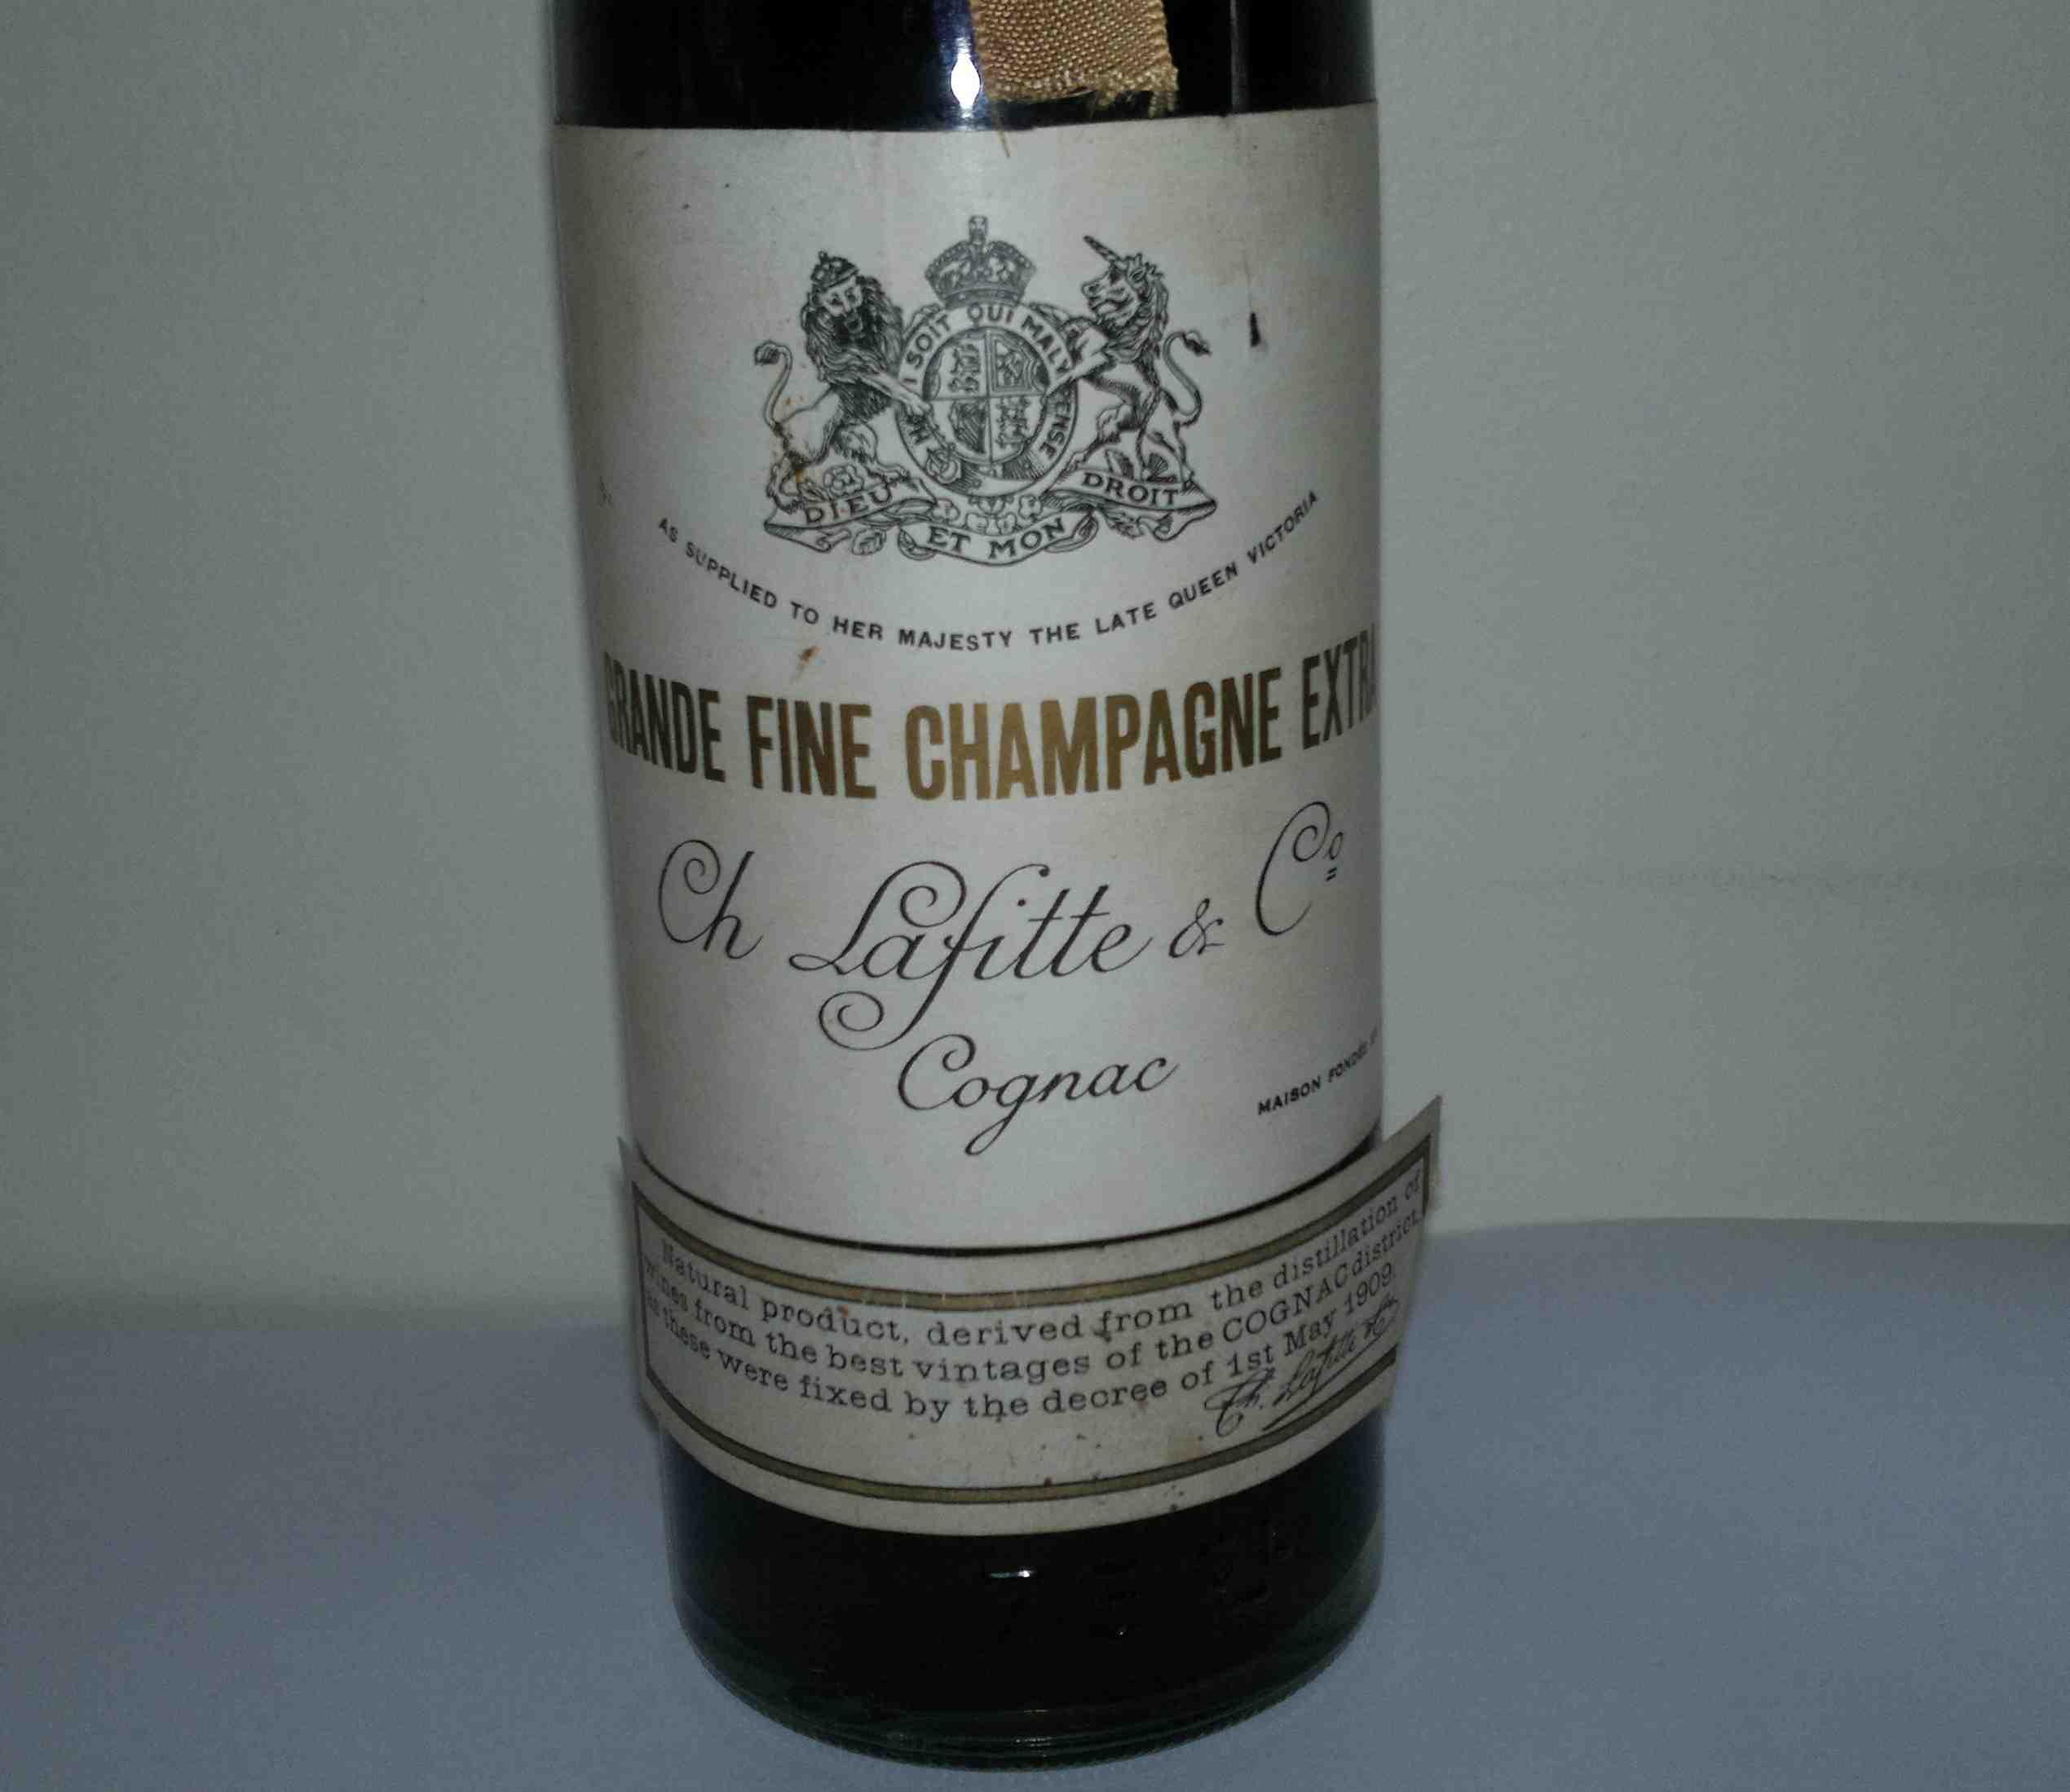 Chateau La Fite Cognac Grande Fine Champagne Extra